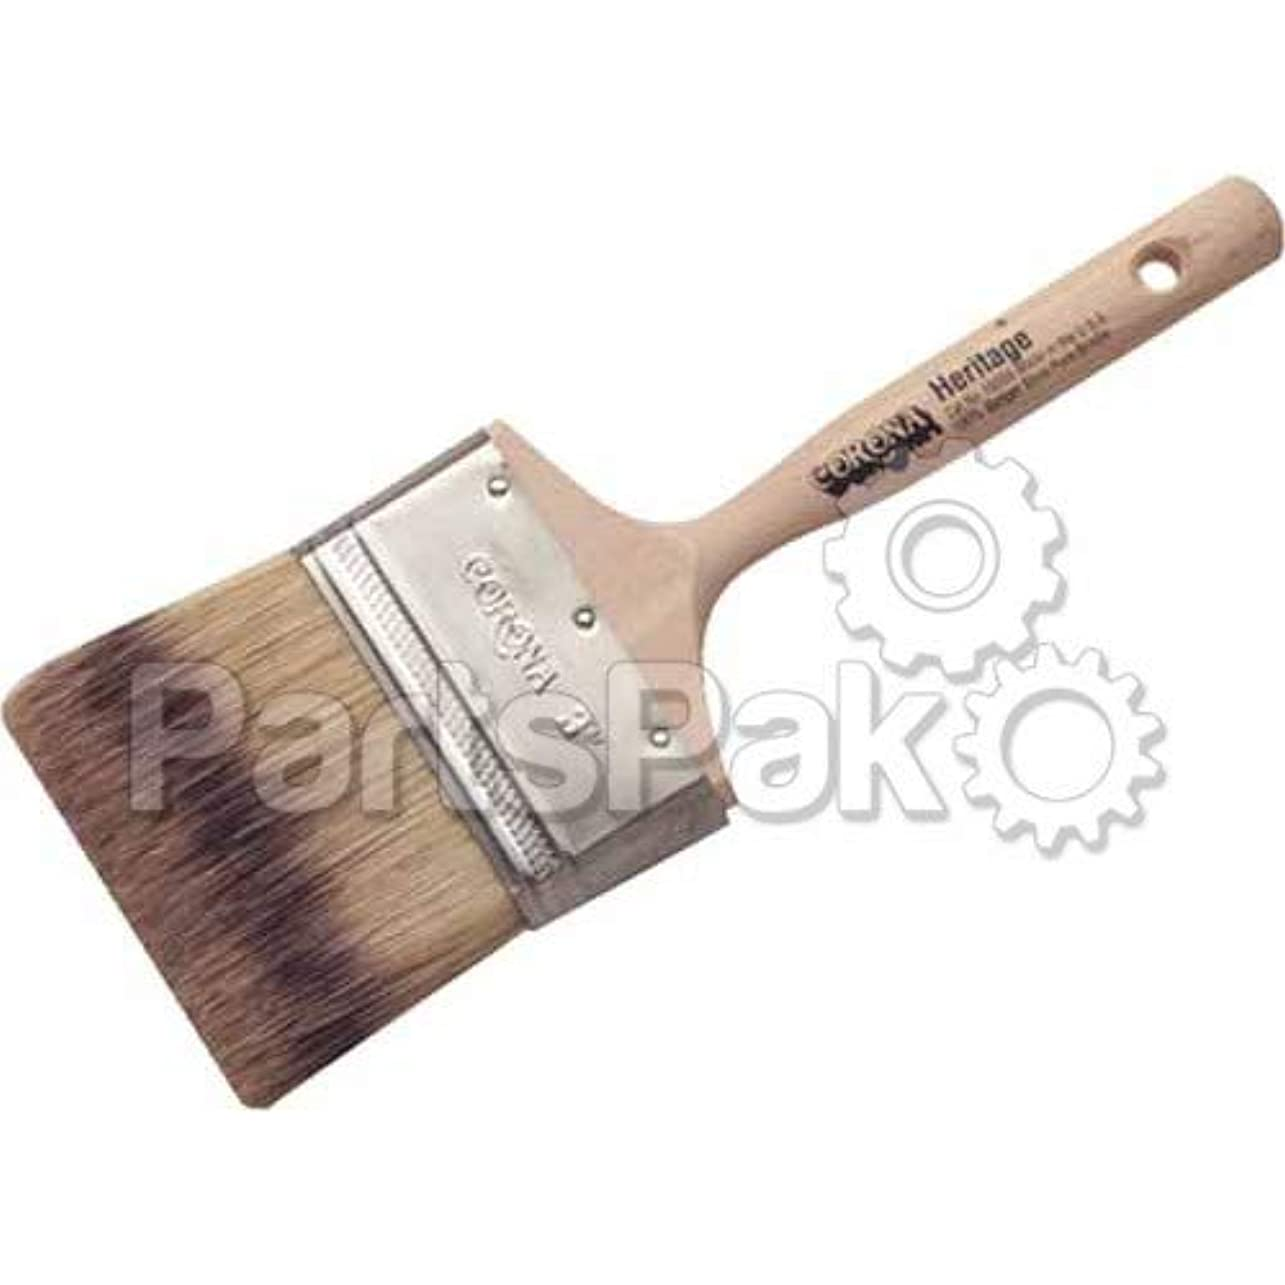 確率悪化させるまとめるCorona Brushes 160553 3 Heritage Badger Brush